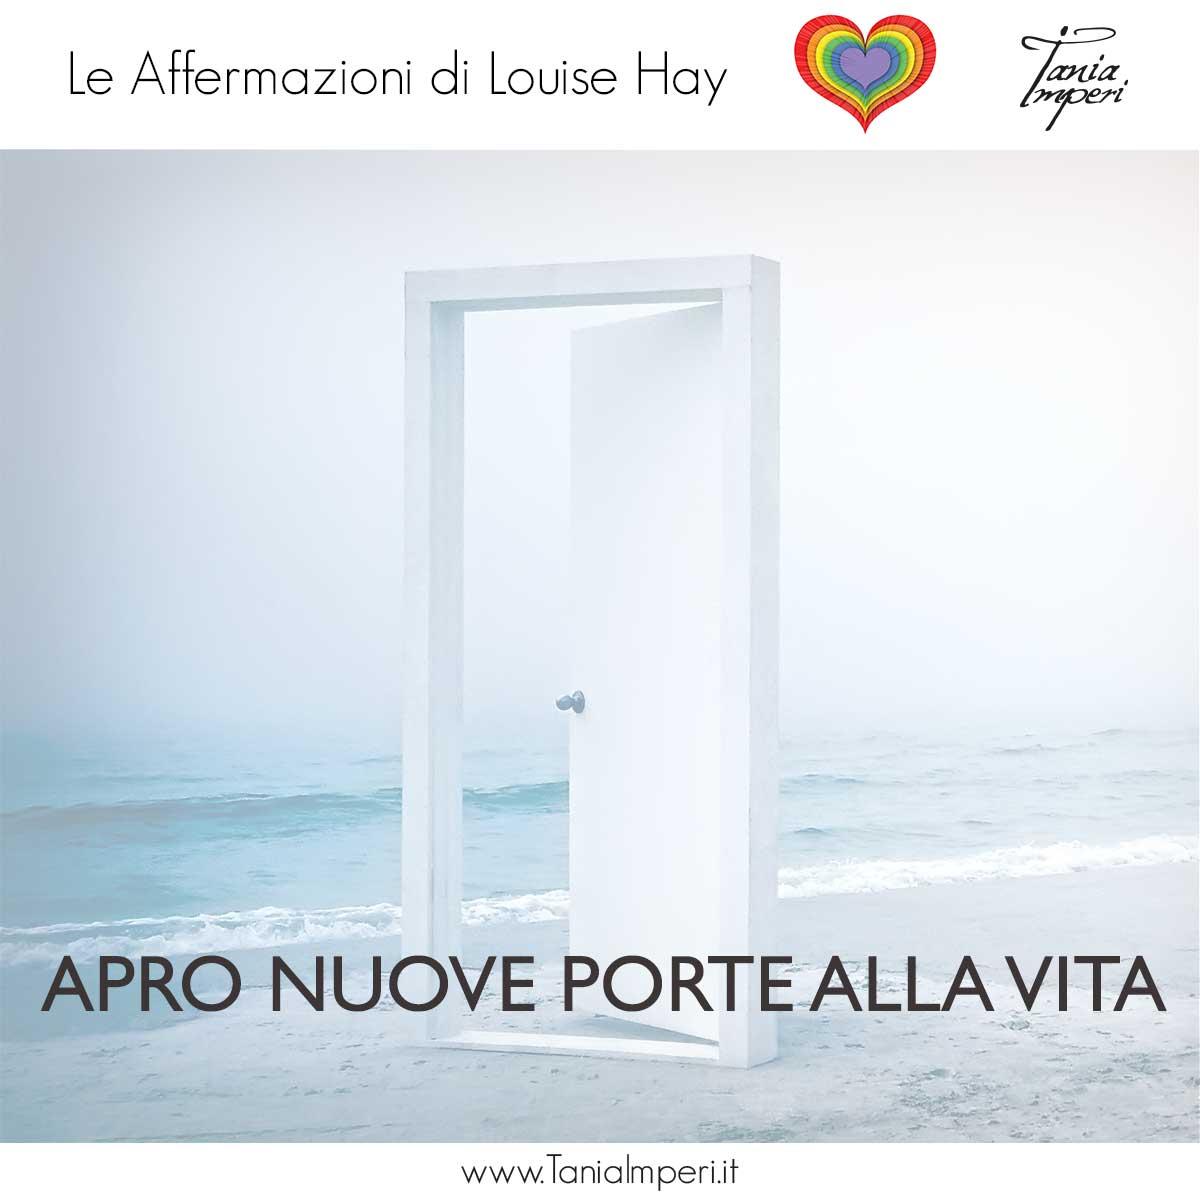 AFFERMAZIONI_LOUISE_HAY_TANIA_IMPERI_12_APRO_NUOVE-PORTE-20MAR2017